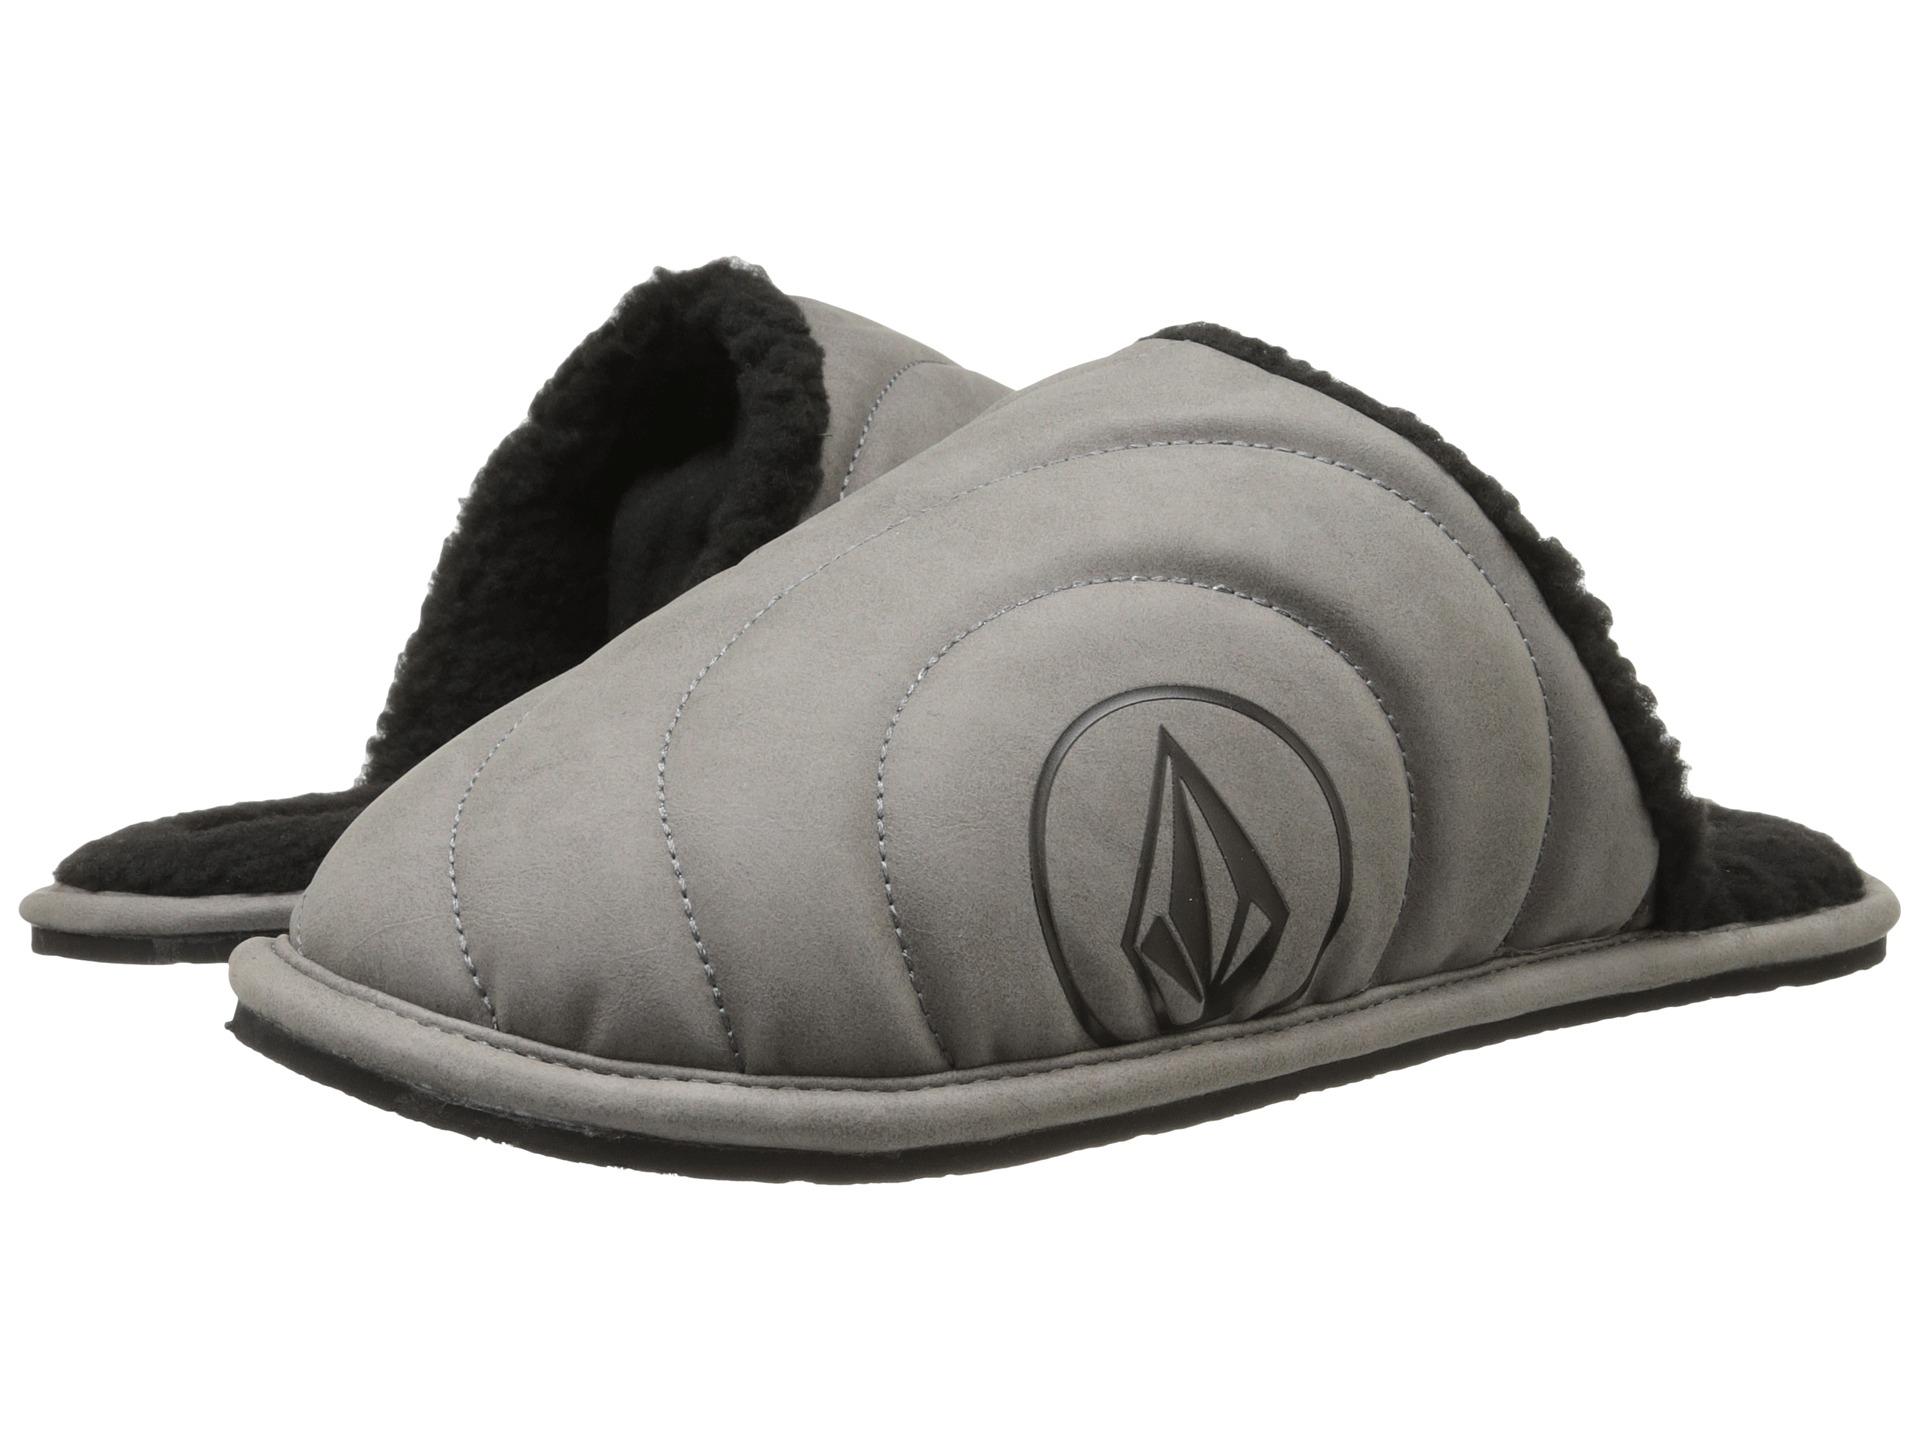 344ba1ae737 Lyst - Volcom Slacker Slipper in Gray for Men